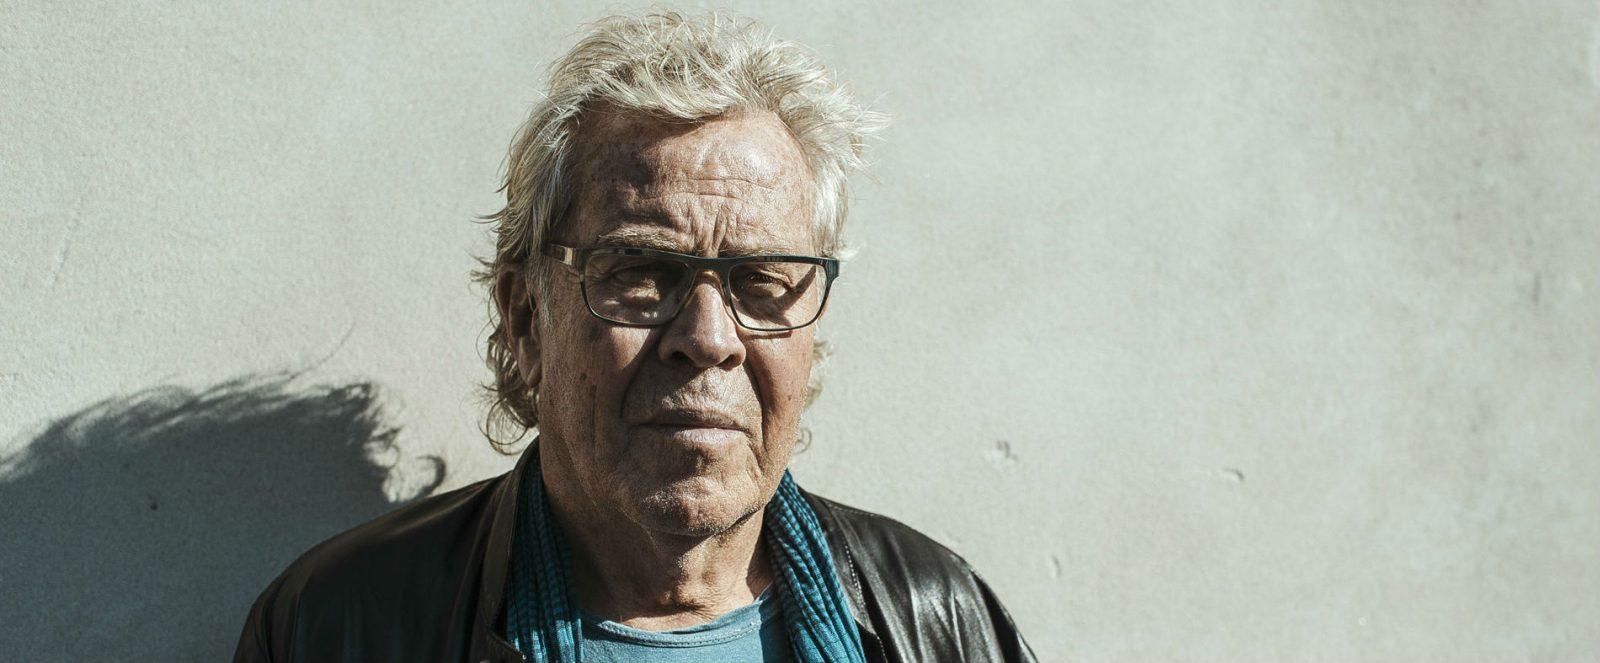 Jørgen Leth: »Jeg føler indimellem, at jeg er blevet en slags rockstar«